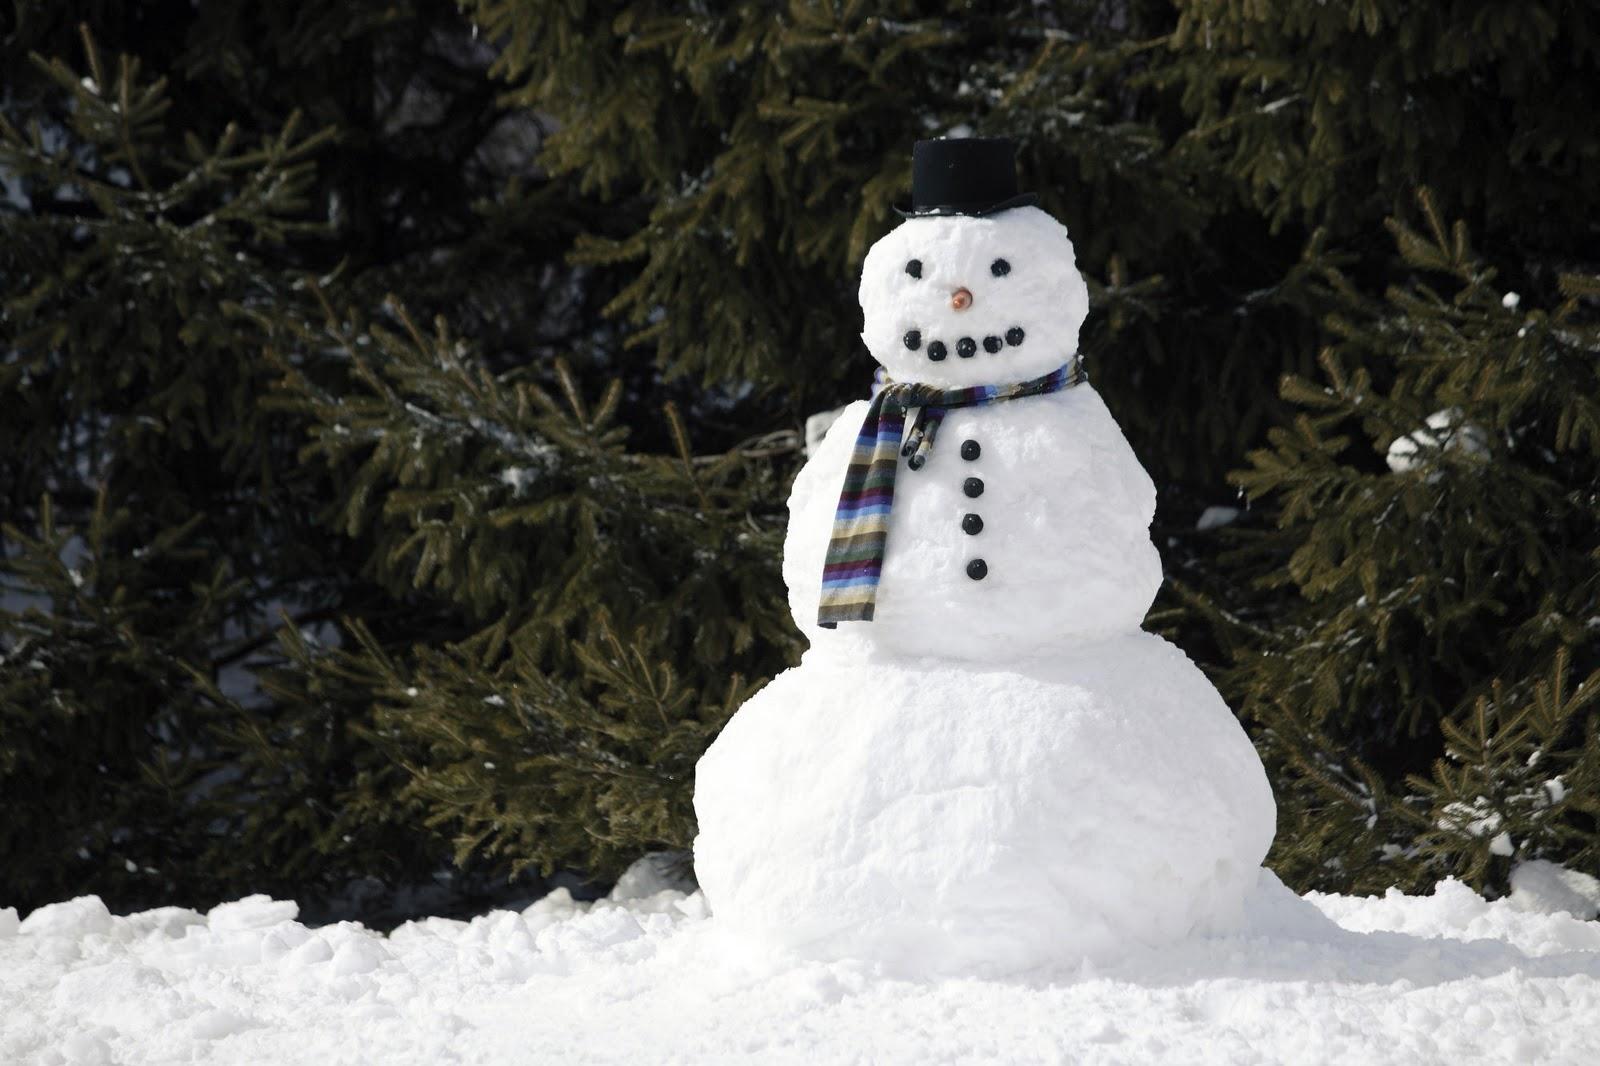 Muñeco de nieve | Vía: alertadigital.com